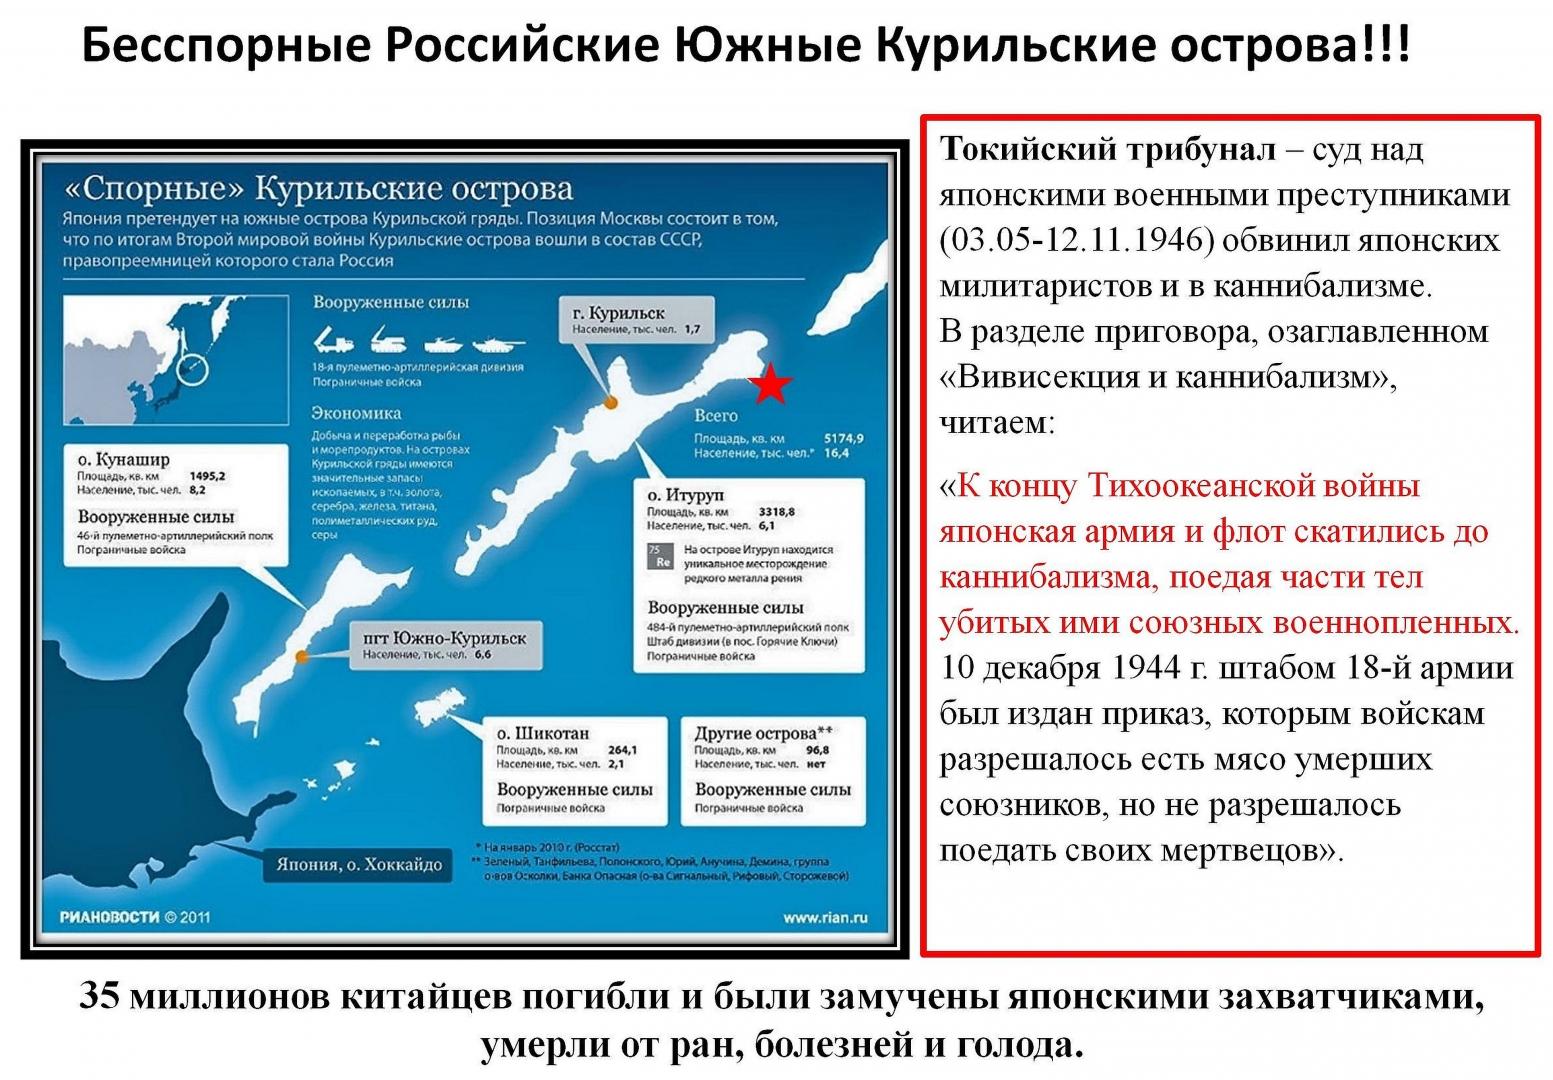 Южные Курилы — бесспорные территории России